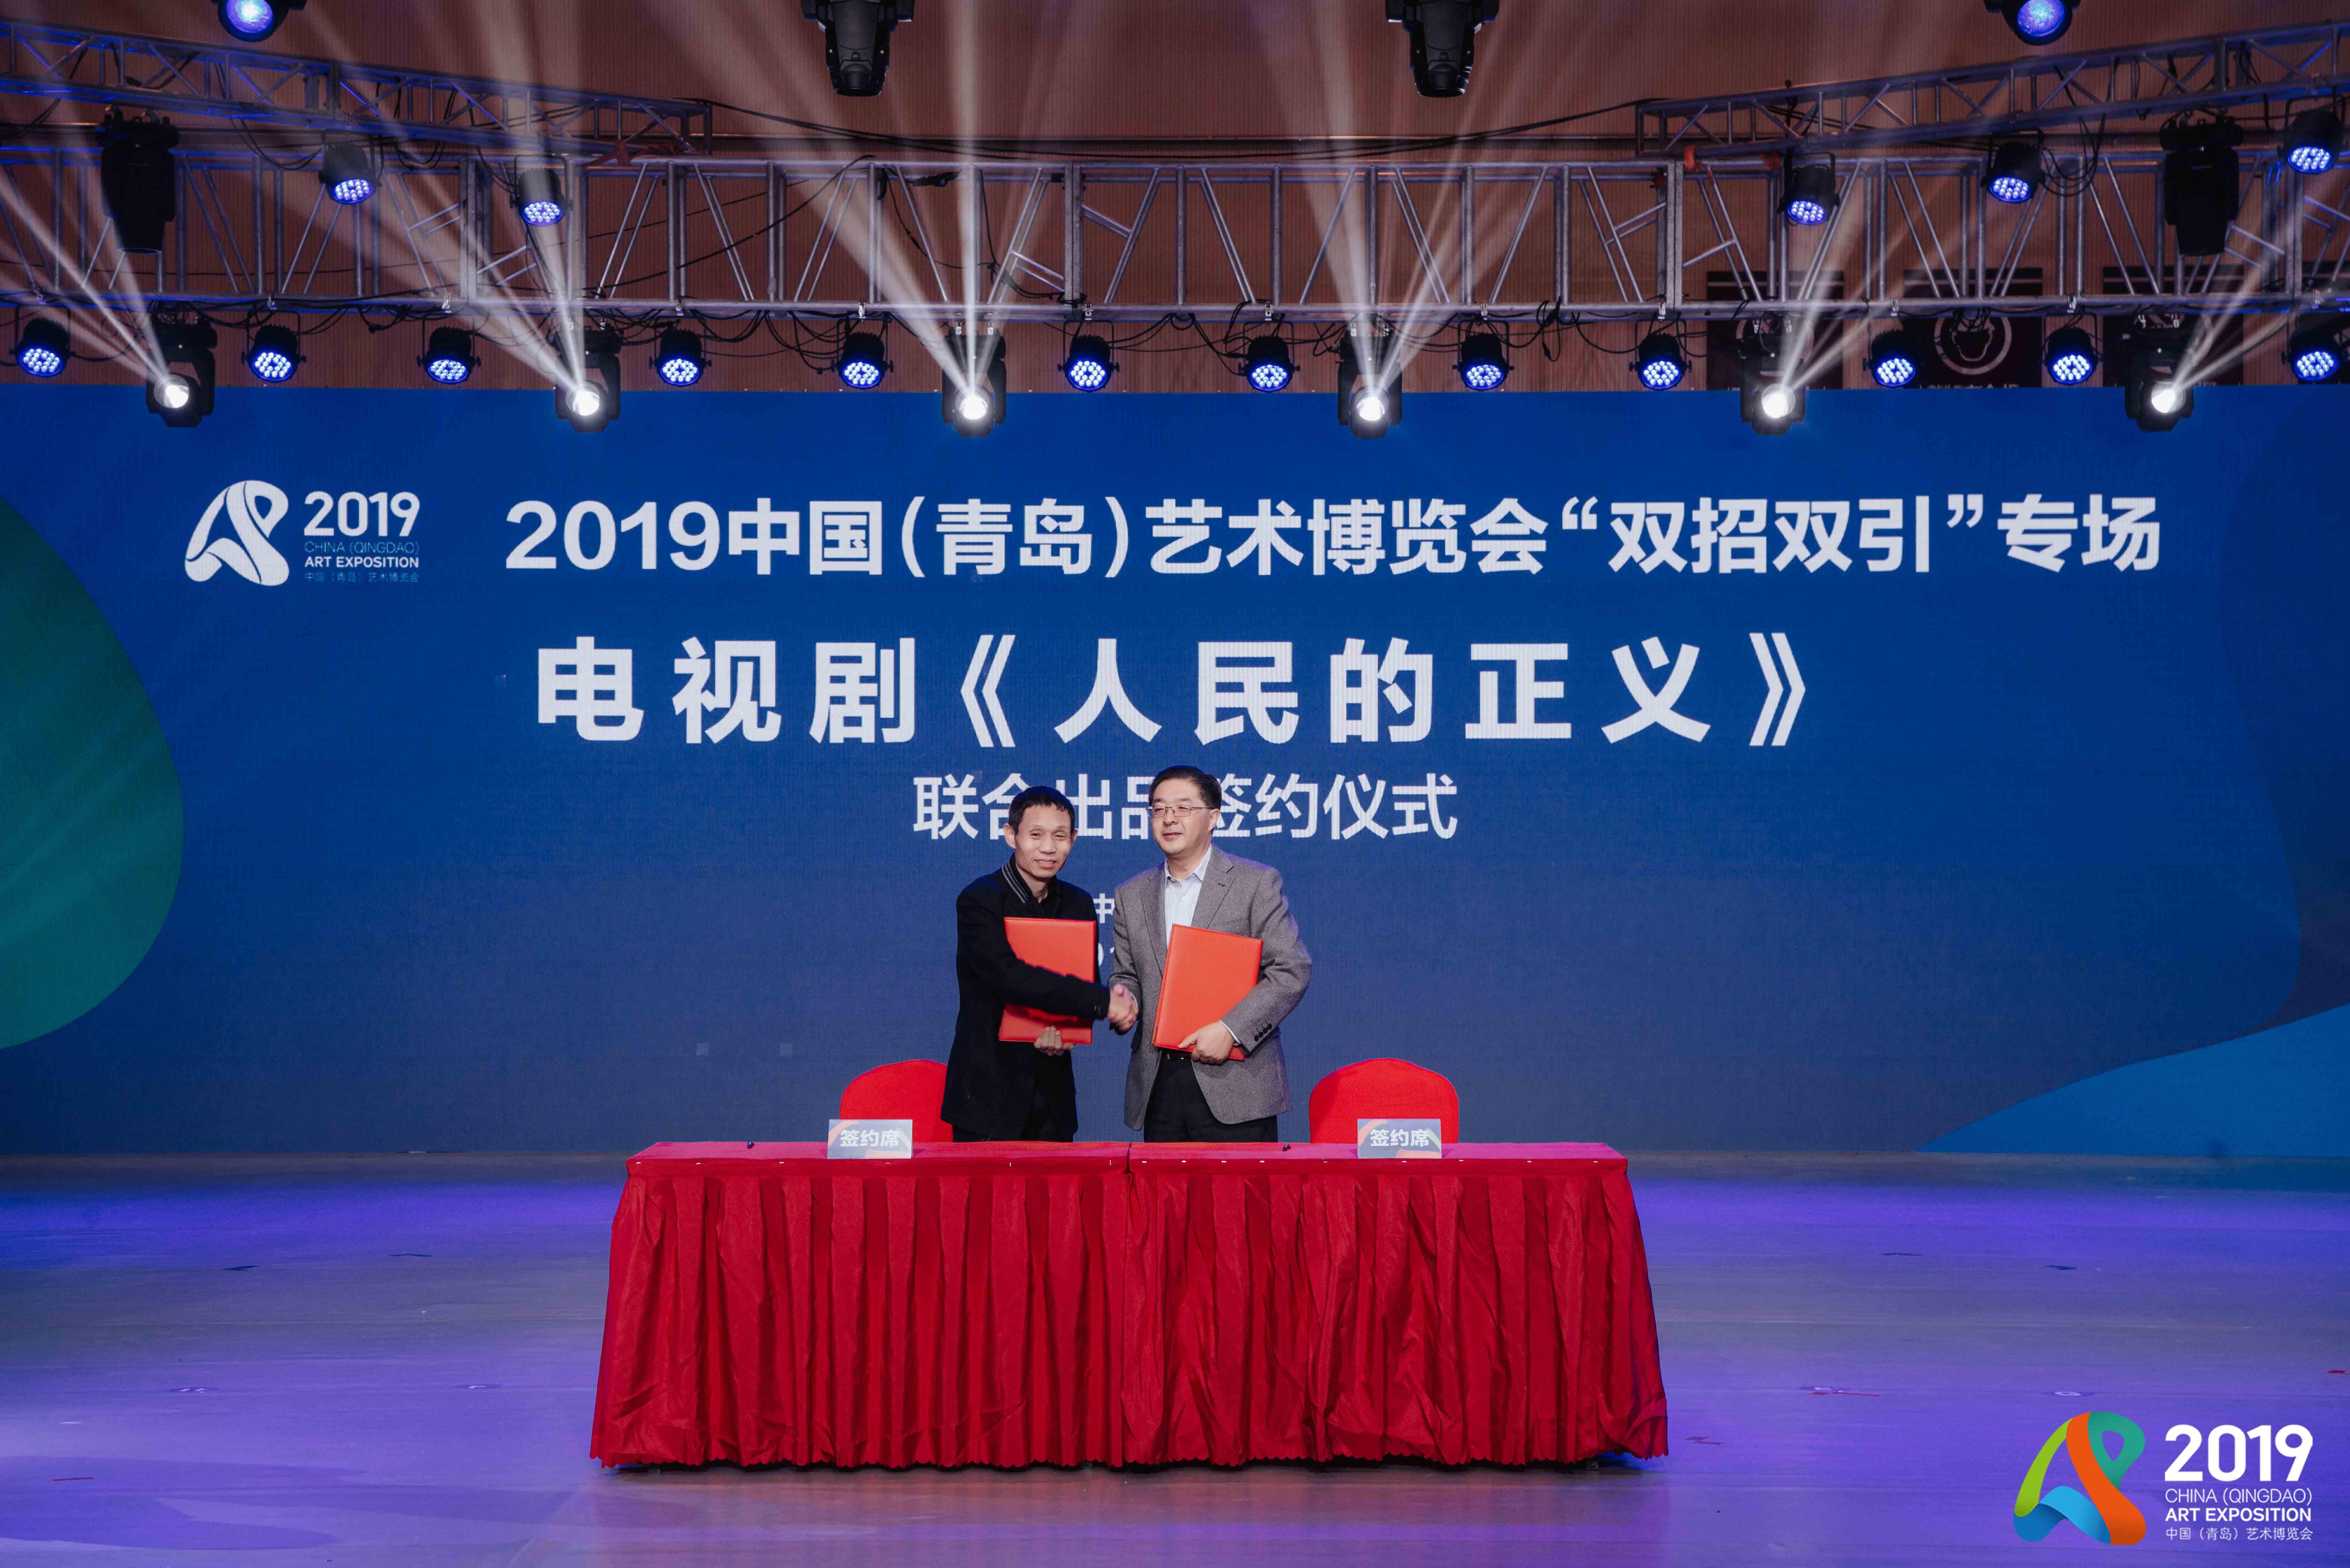 2019中国(青岛)艺术博览会闭幕圆满闭幕!《人民的正义》签约插图